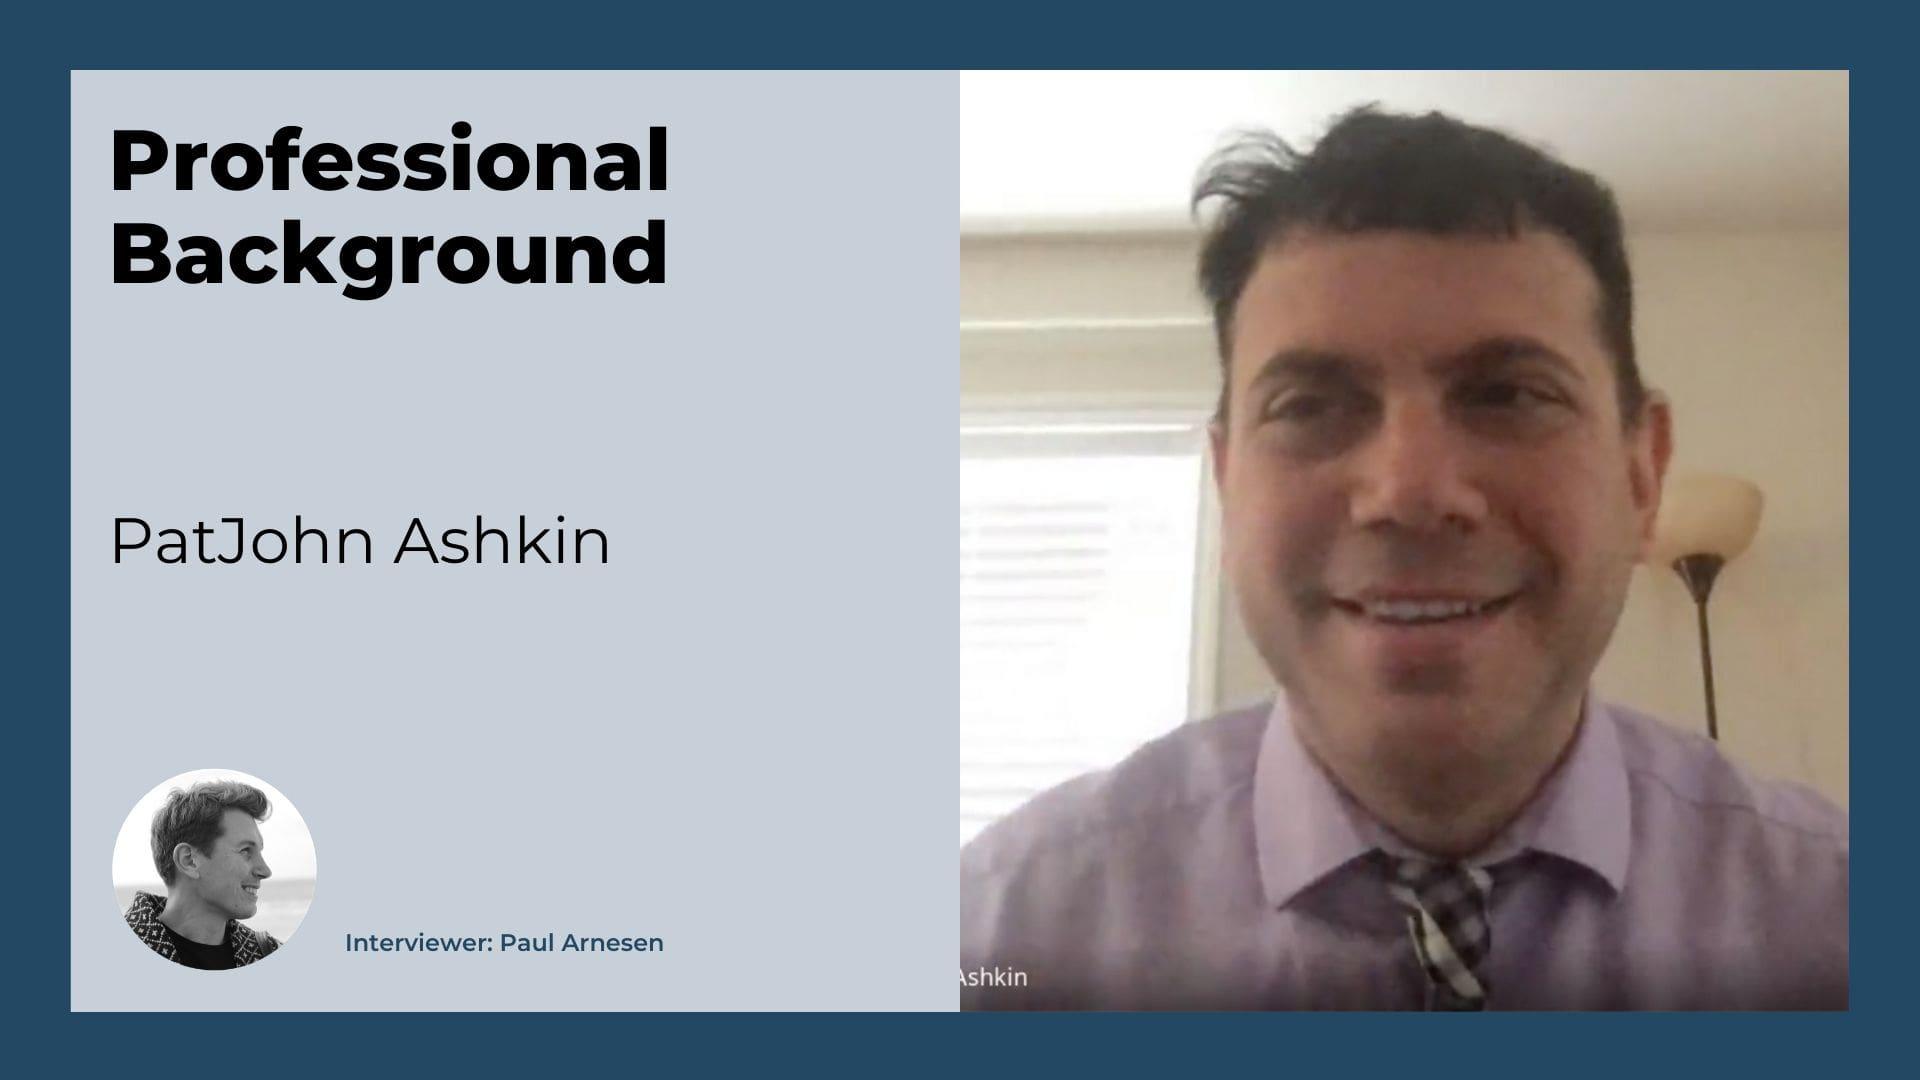 PatJohn Ashkin